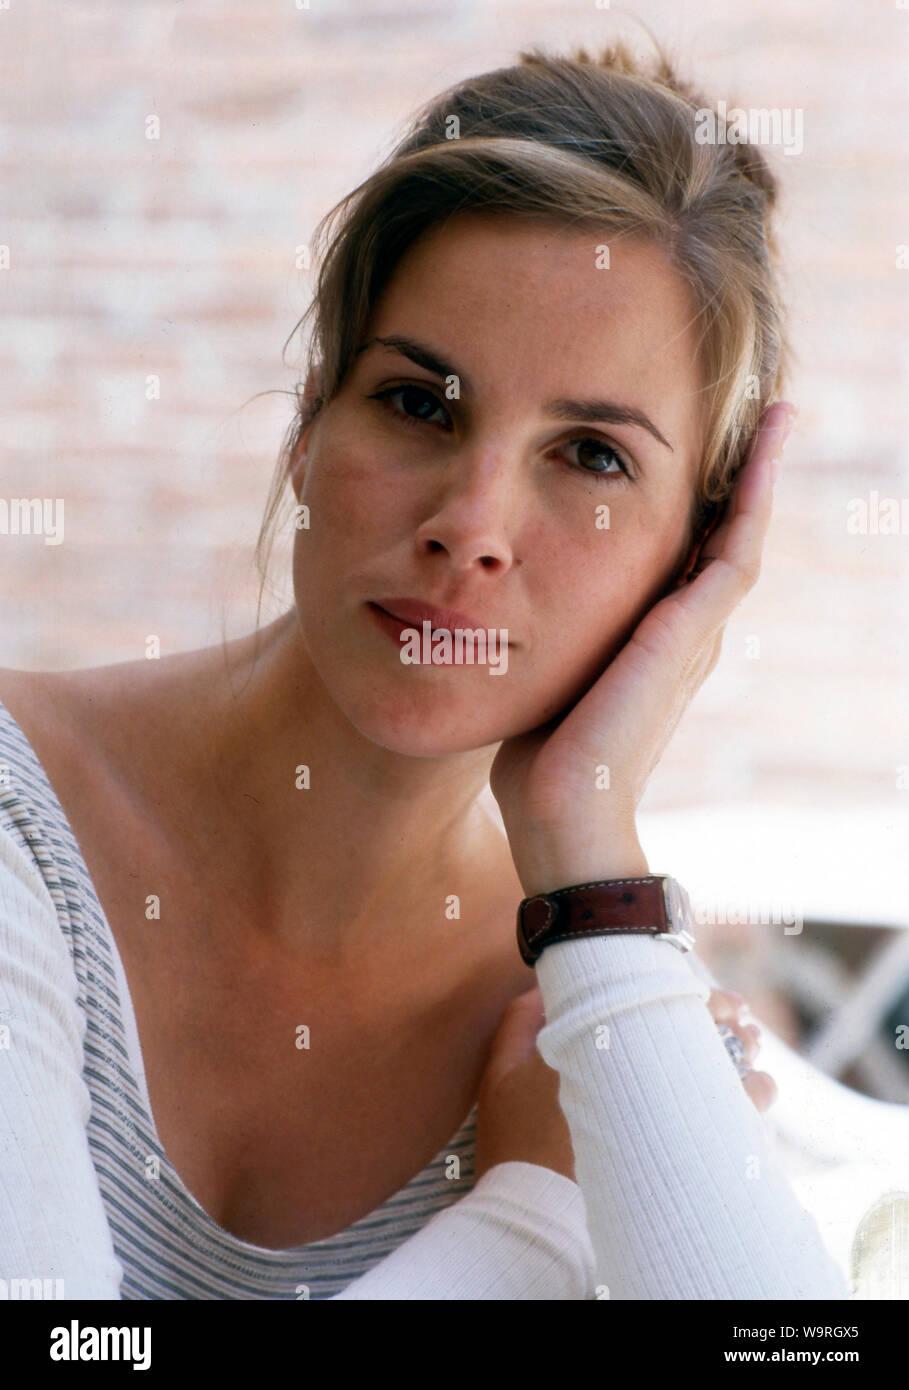 Dutch Actress Stock Photos Dutch Actress Stock Images Alamy